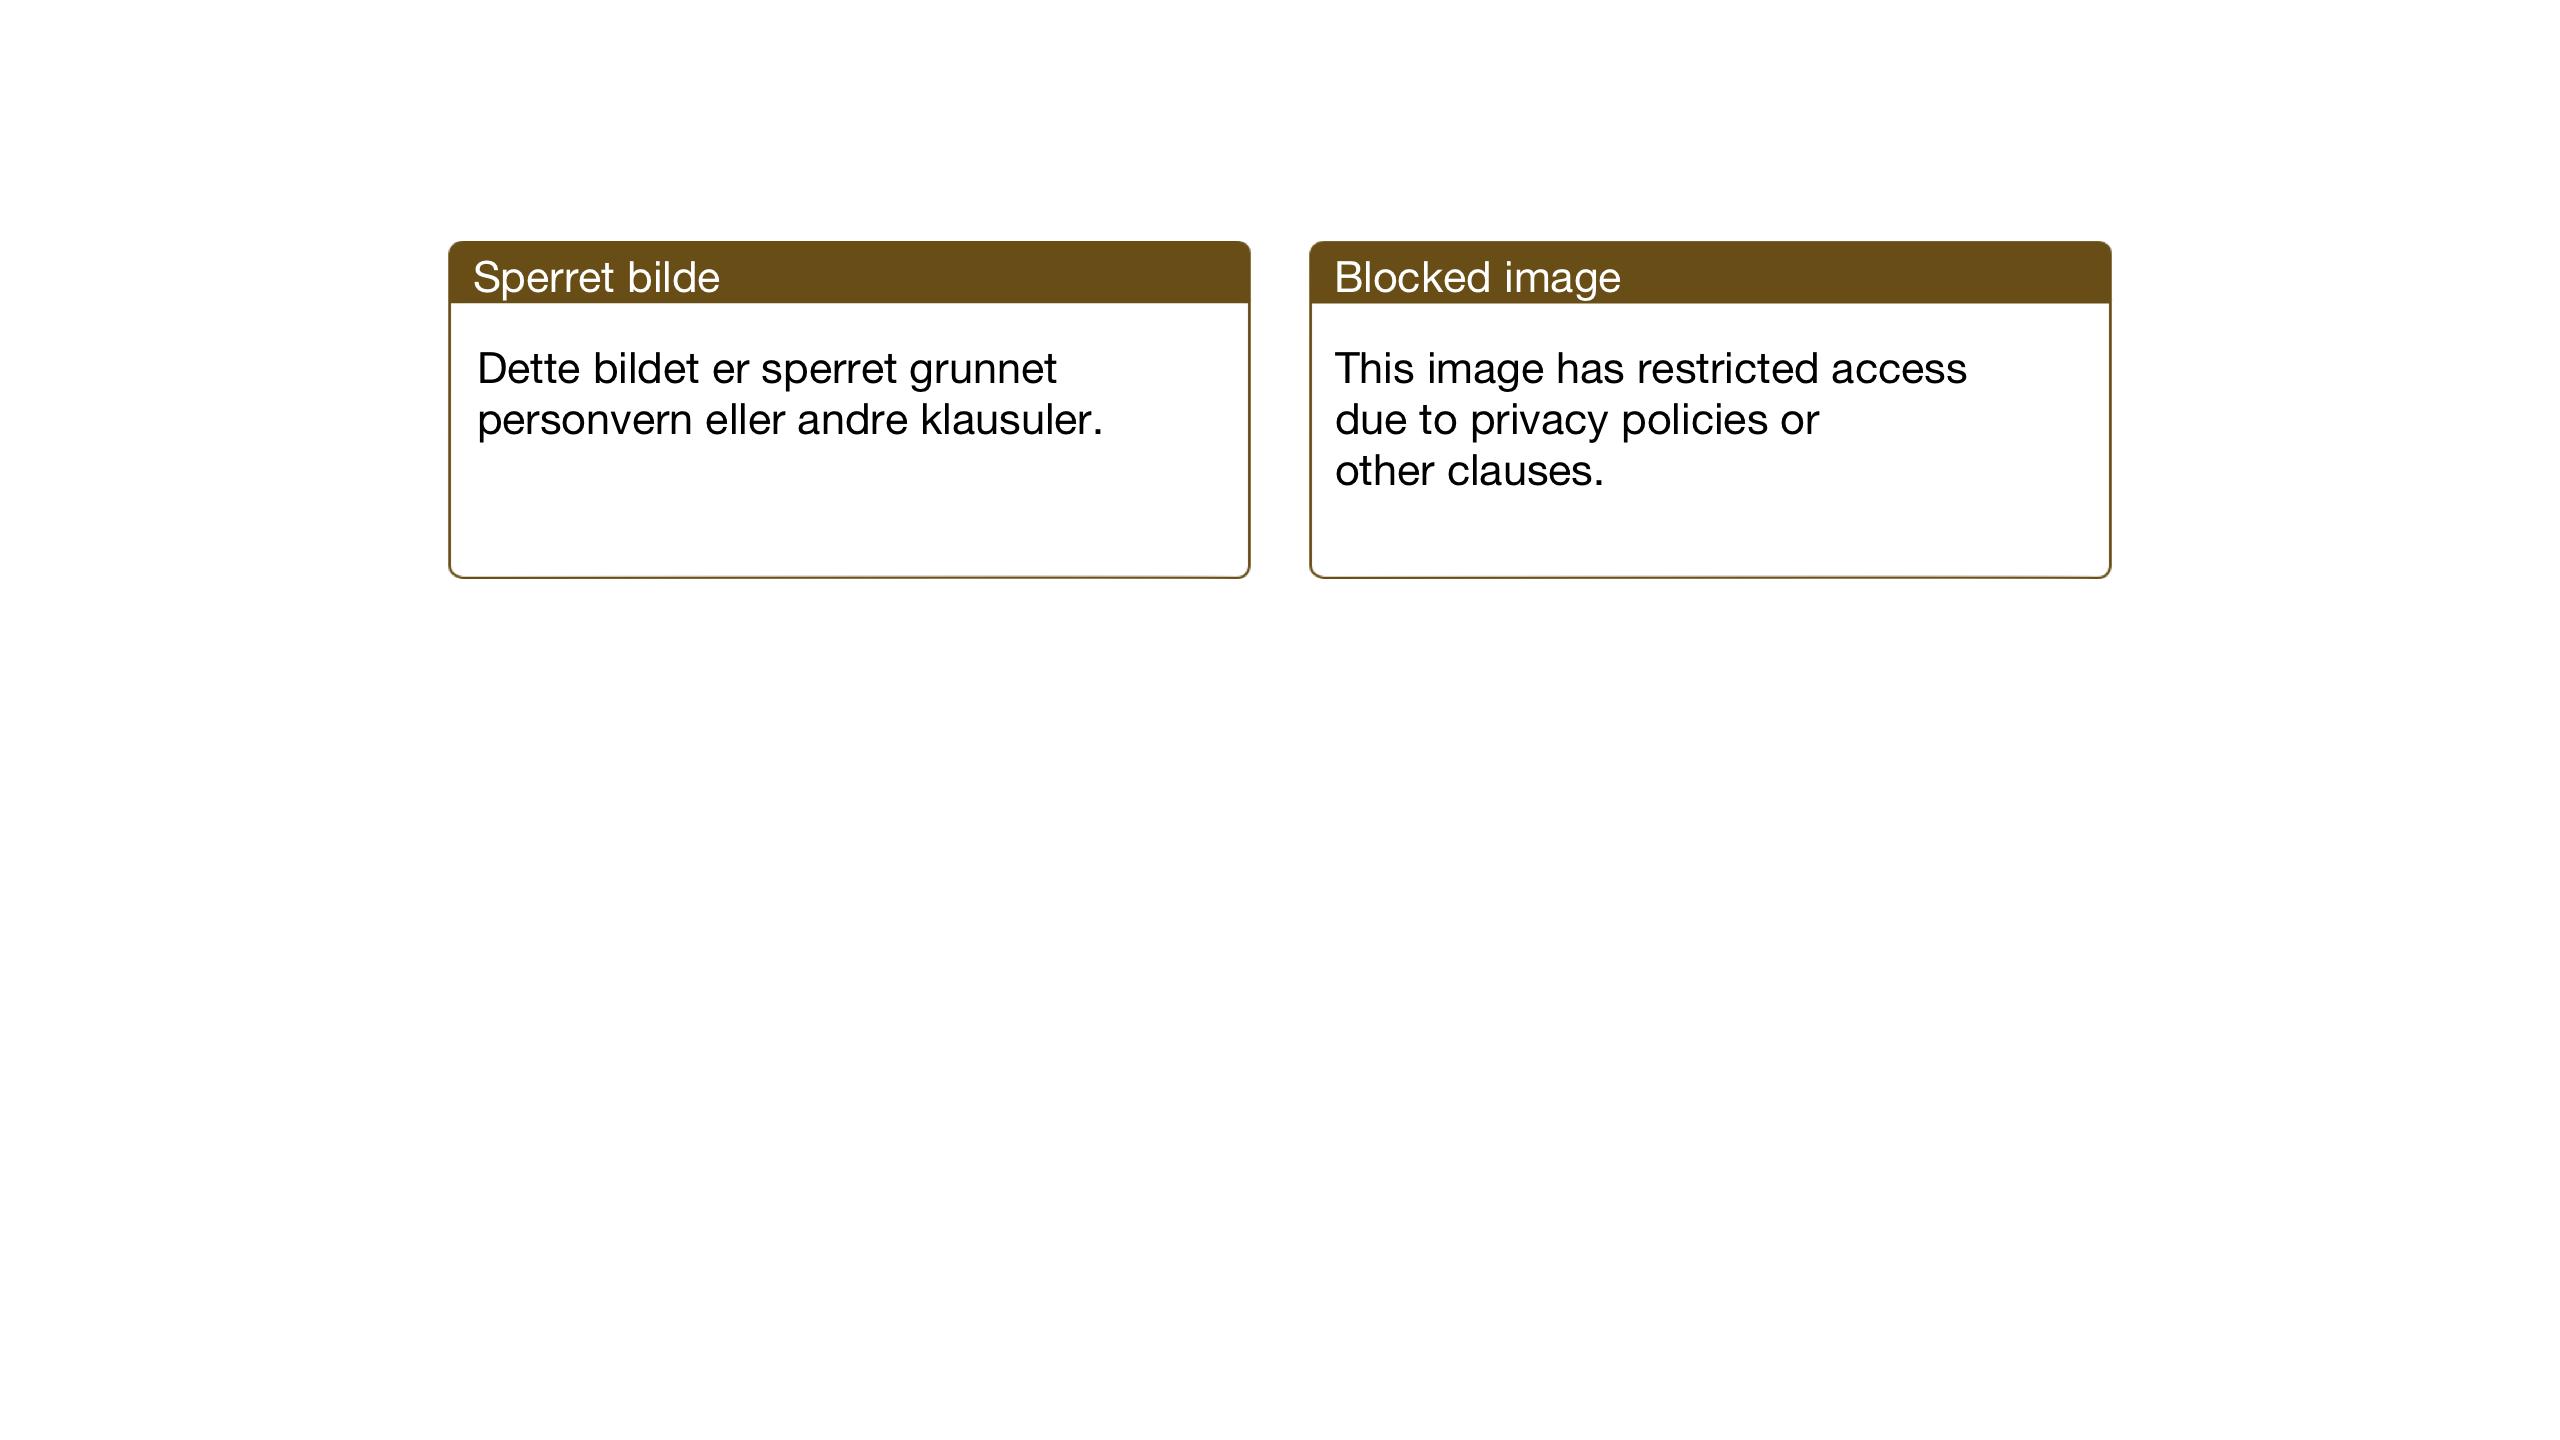 SAT, Ministerialprotokoller, klokkerbøker og fødselsregistre - Sør-Trøndelag, 640/L0590: Klokkerbok nr. 640C07, 1935-1948, s. 66